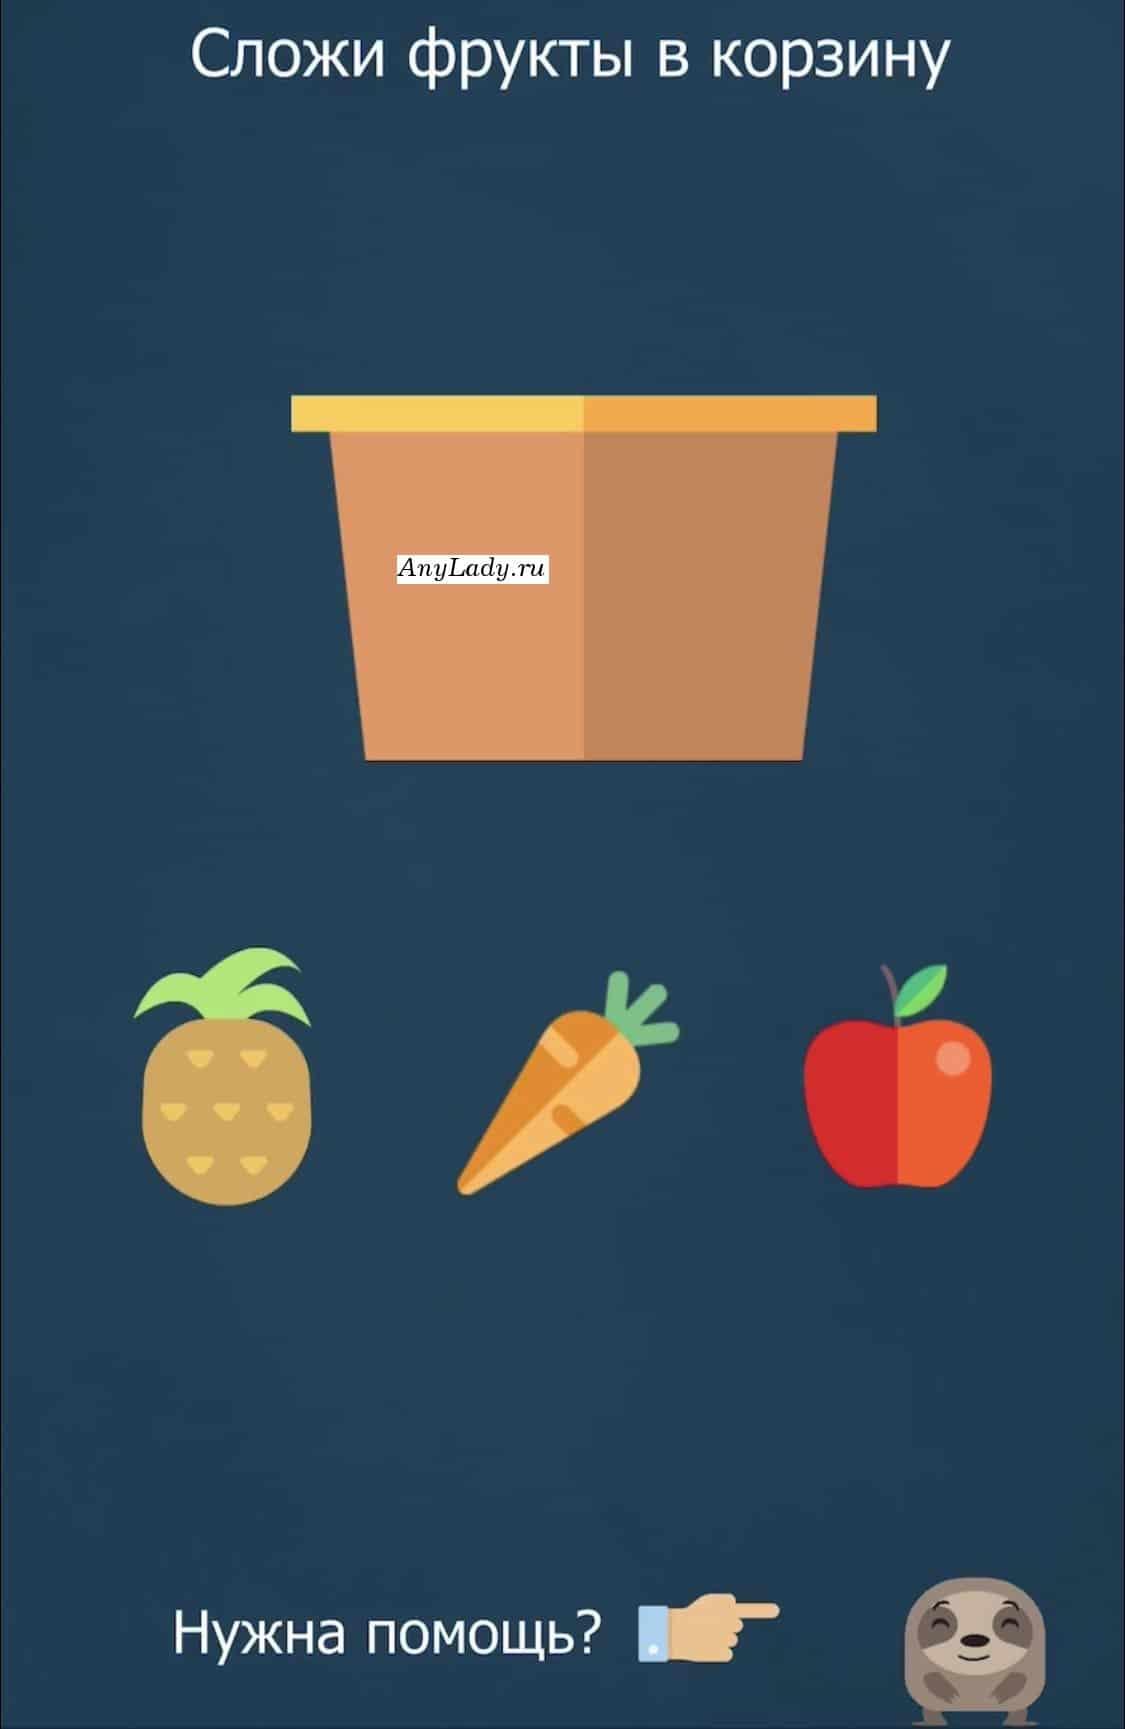 В контейнер бросьте фрукты: ананас и красное яблочко.    Морковку не трогайте, она принадлежит к разряду овощей.